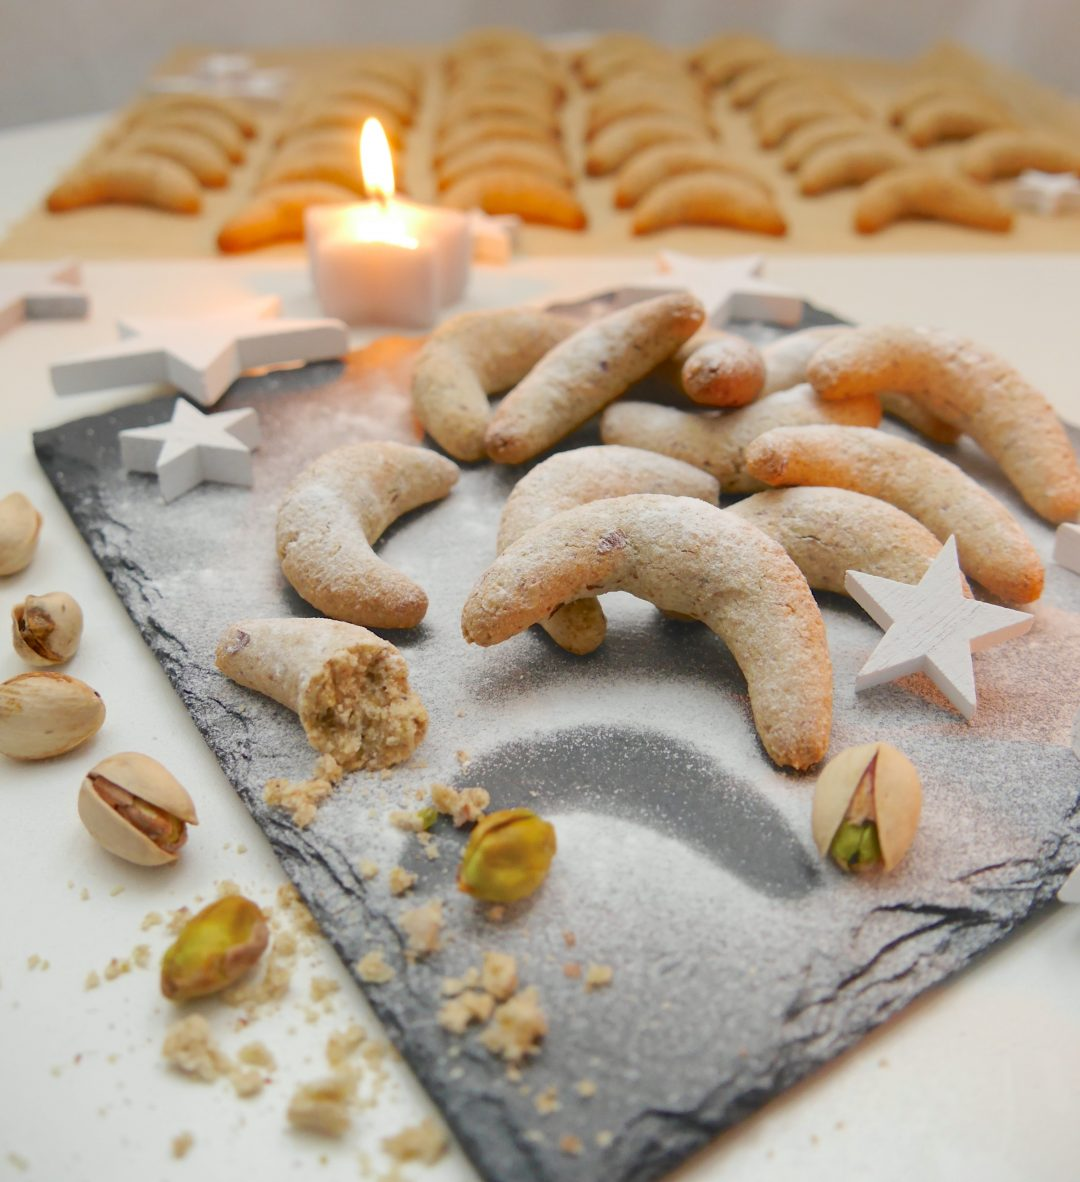 Gesunde Weihnachtsplätzchen – Pistazienkipferl